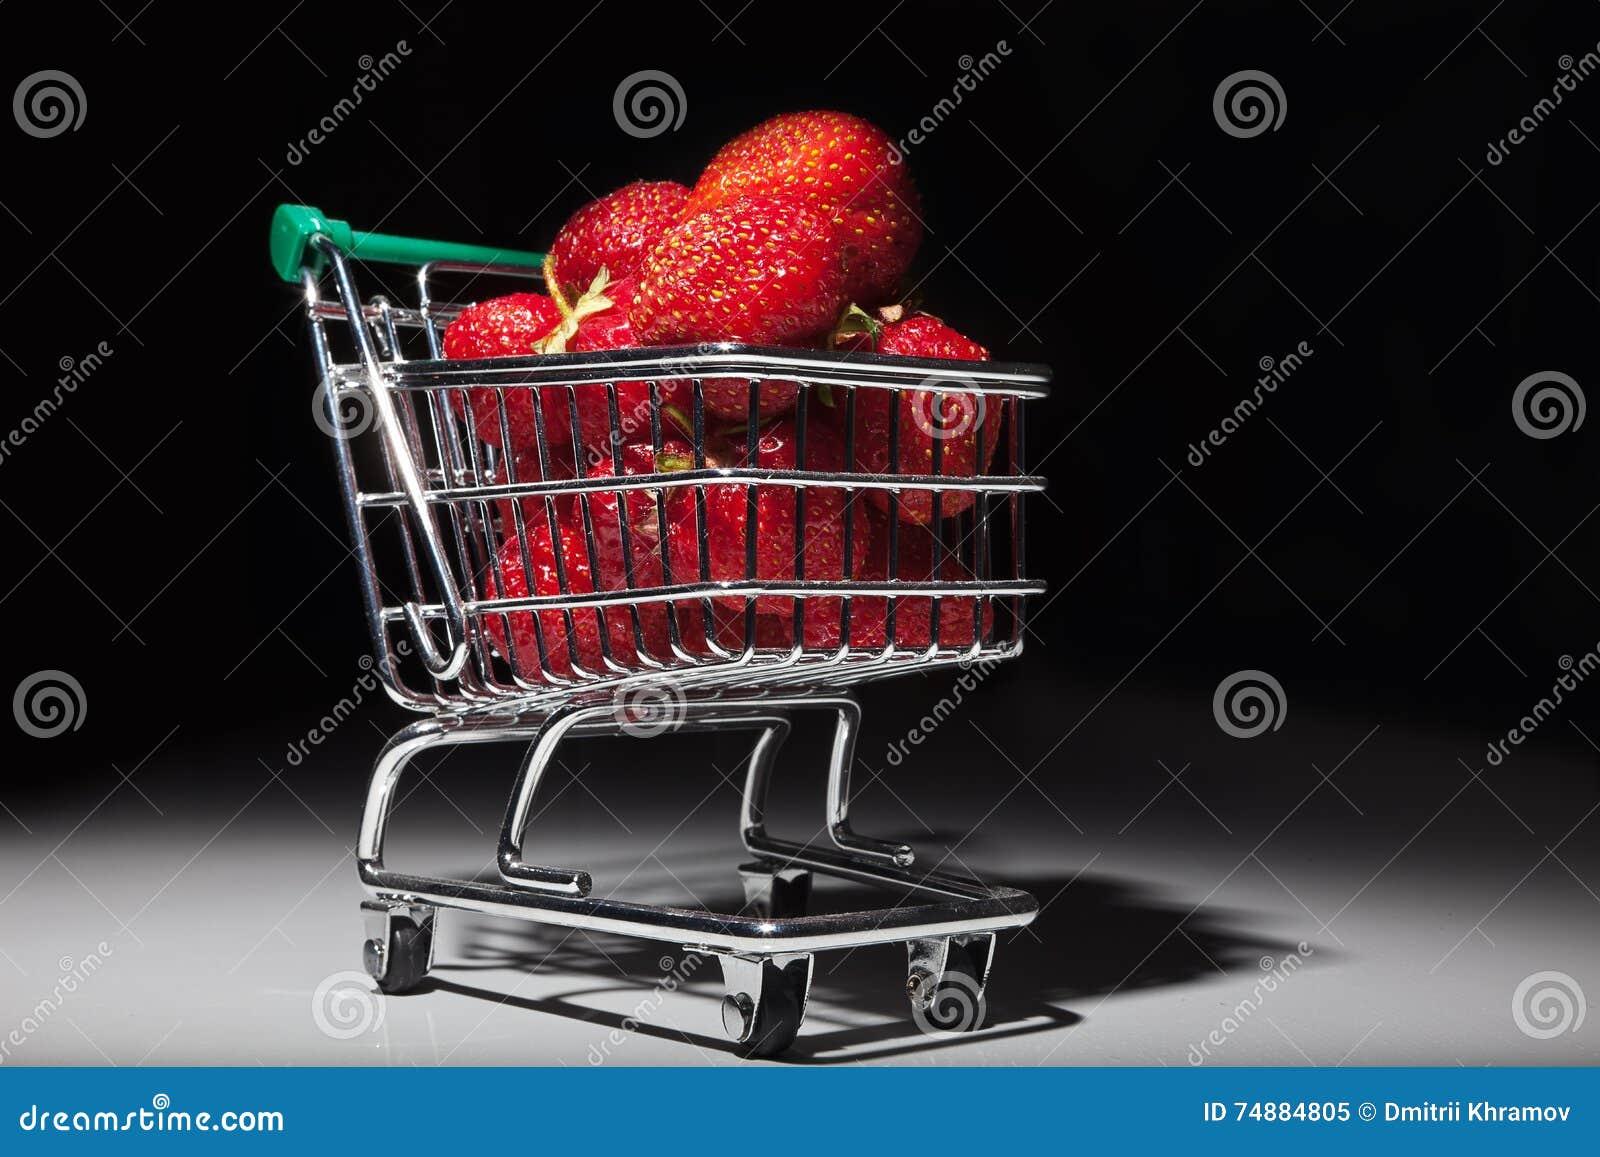 Morangos vermelhas maduras no trole diminuto do supermercado